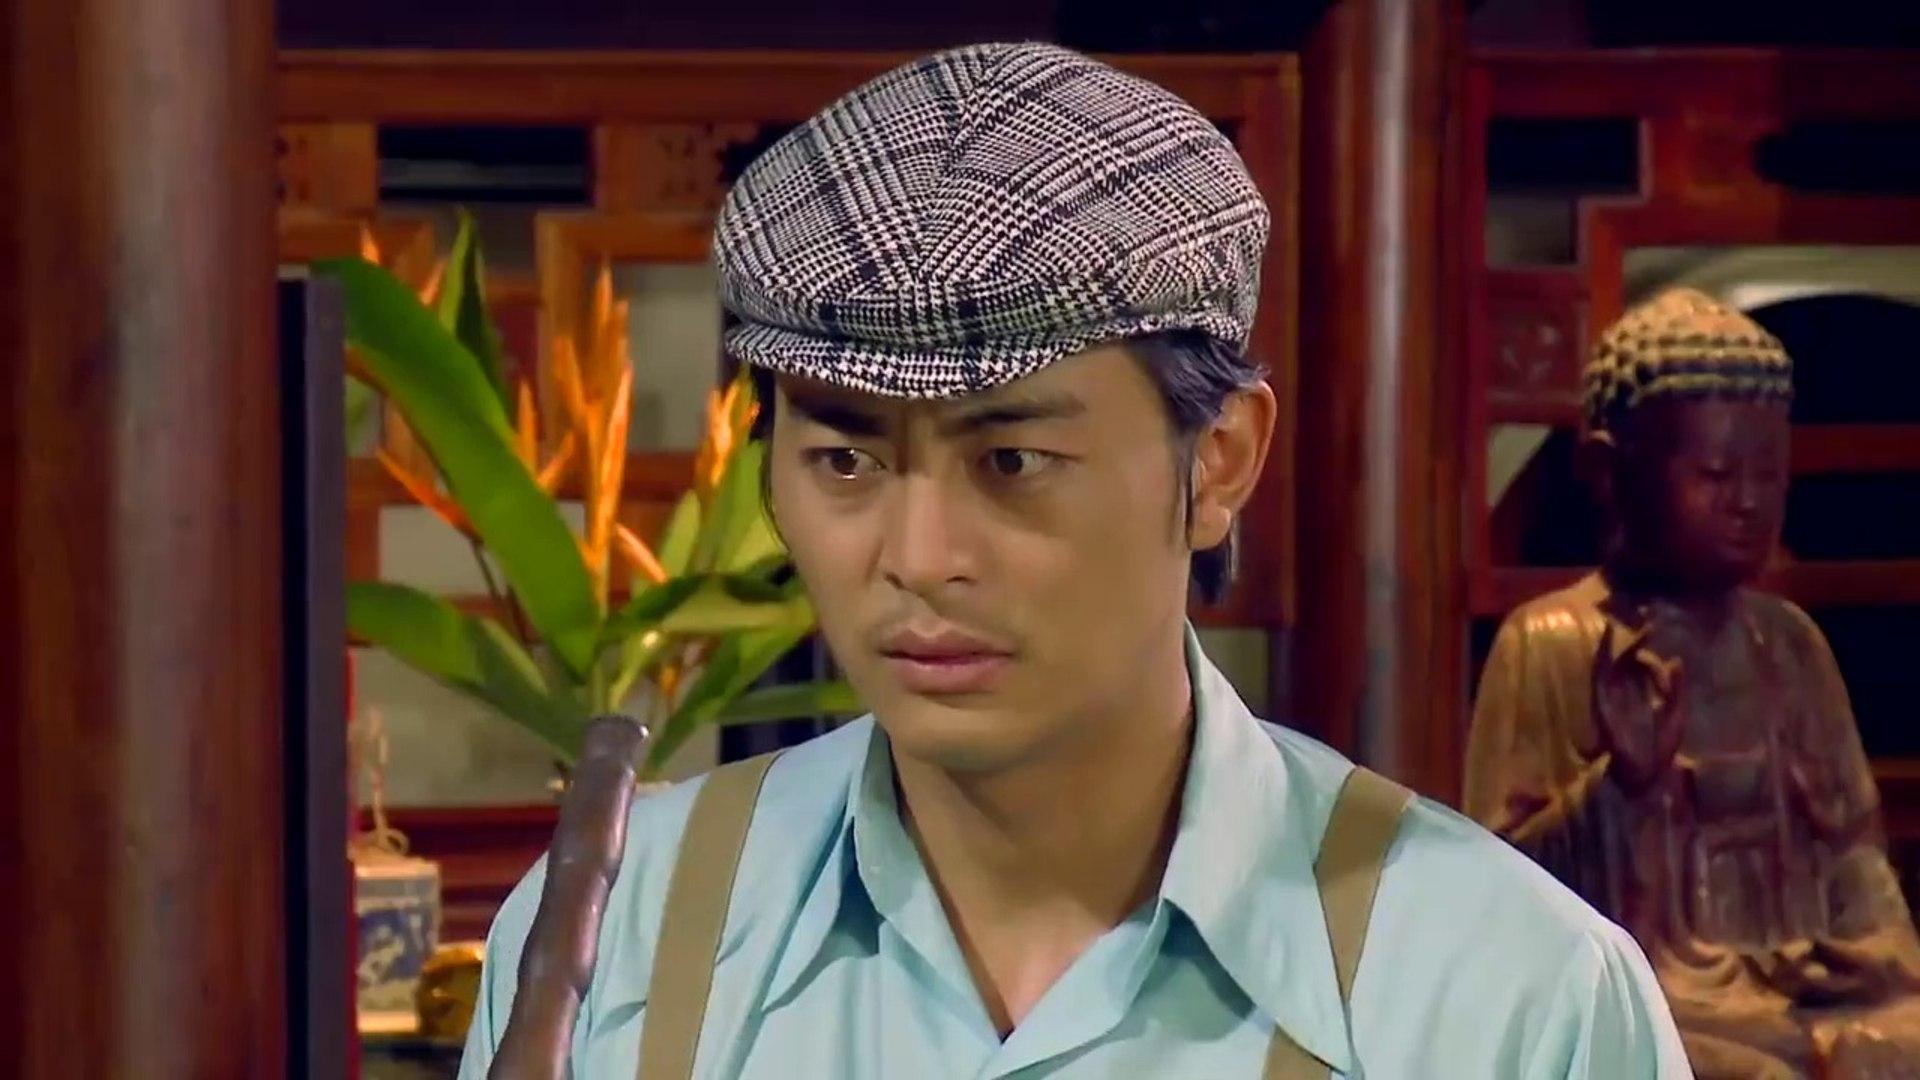 Tiếng sét trong mưa tập 28 - trực tiếp trọn bộ - tap 29 - Phim Việt Nam THVL1 - Phim tieng set trong